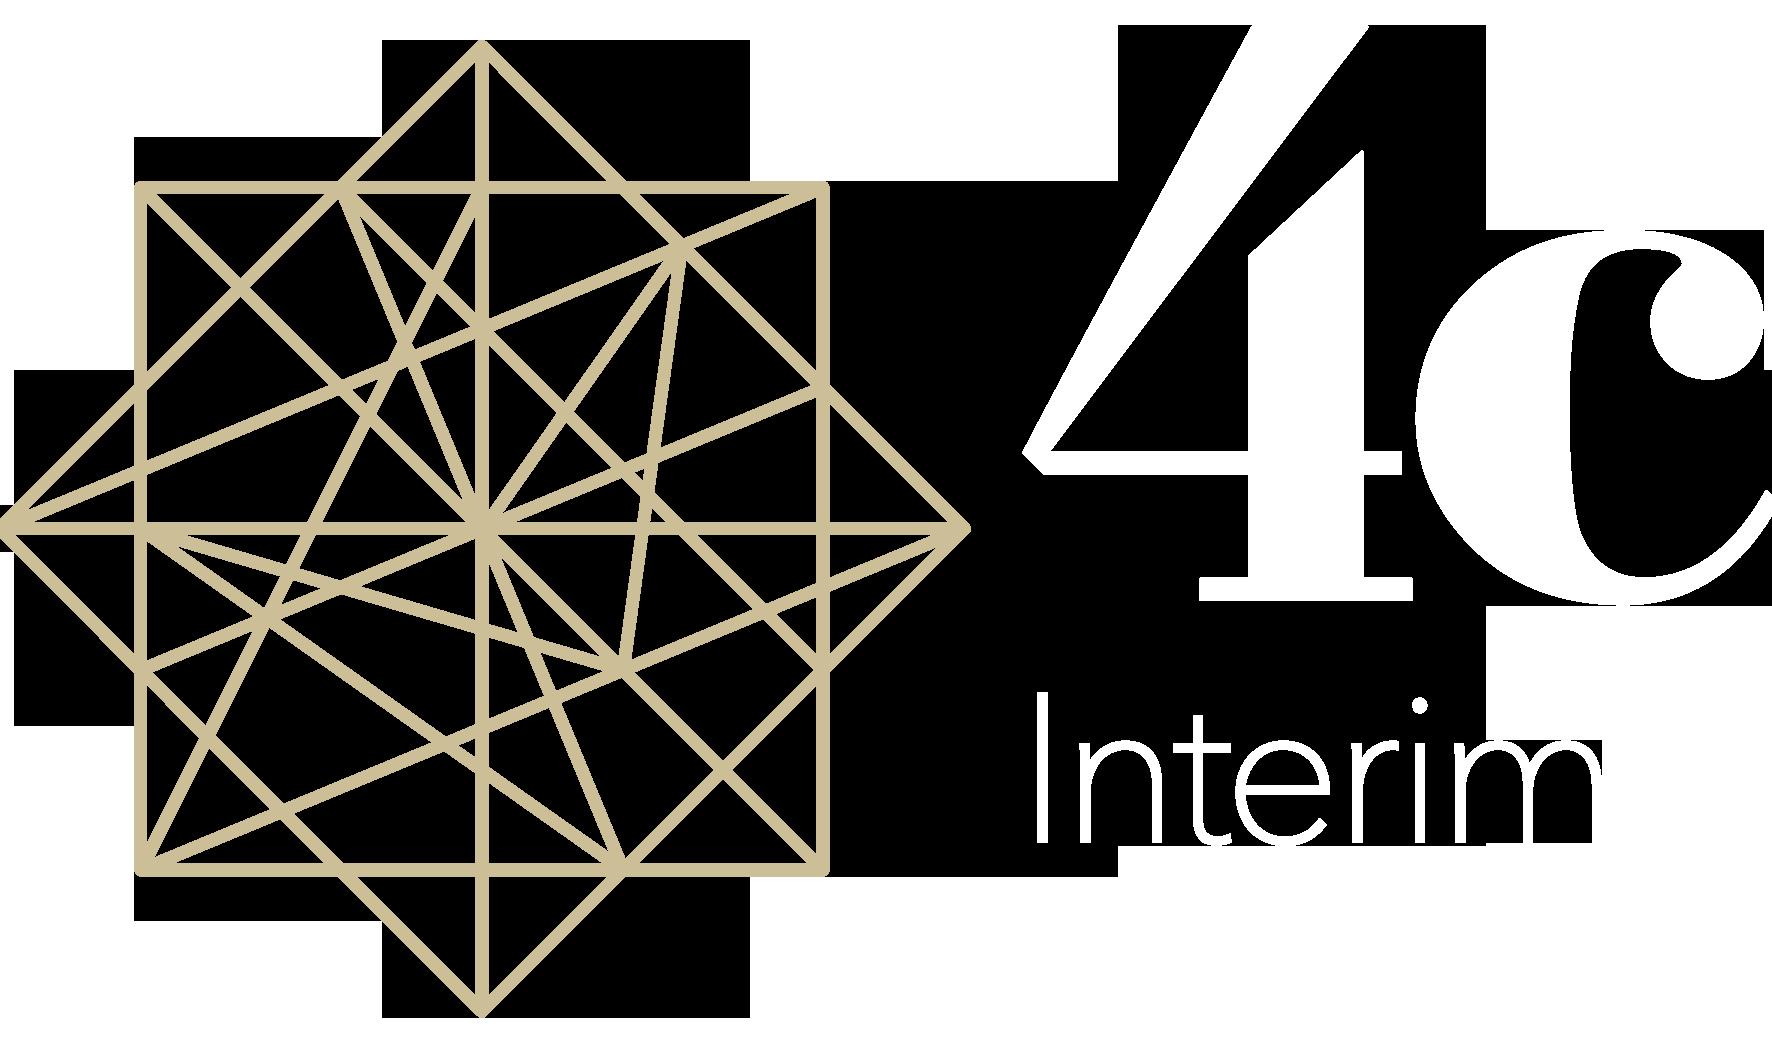 4c-interim